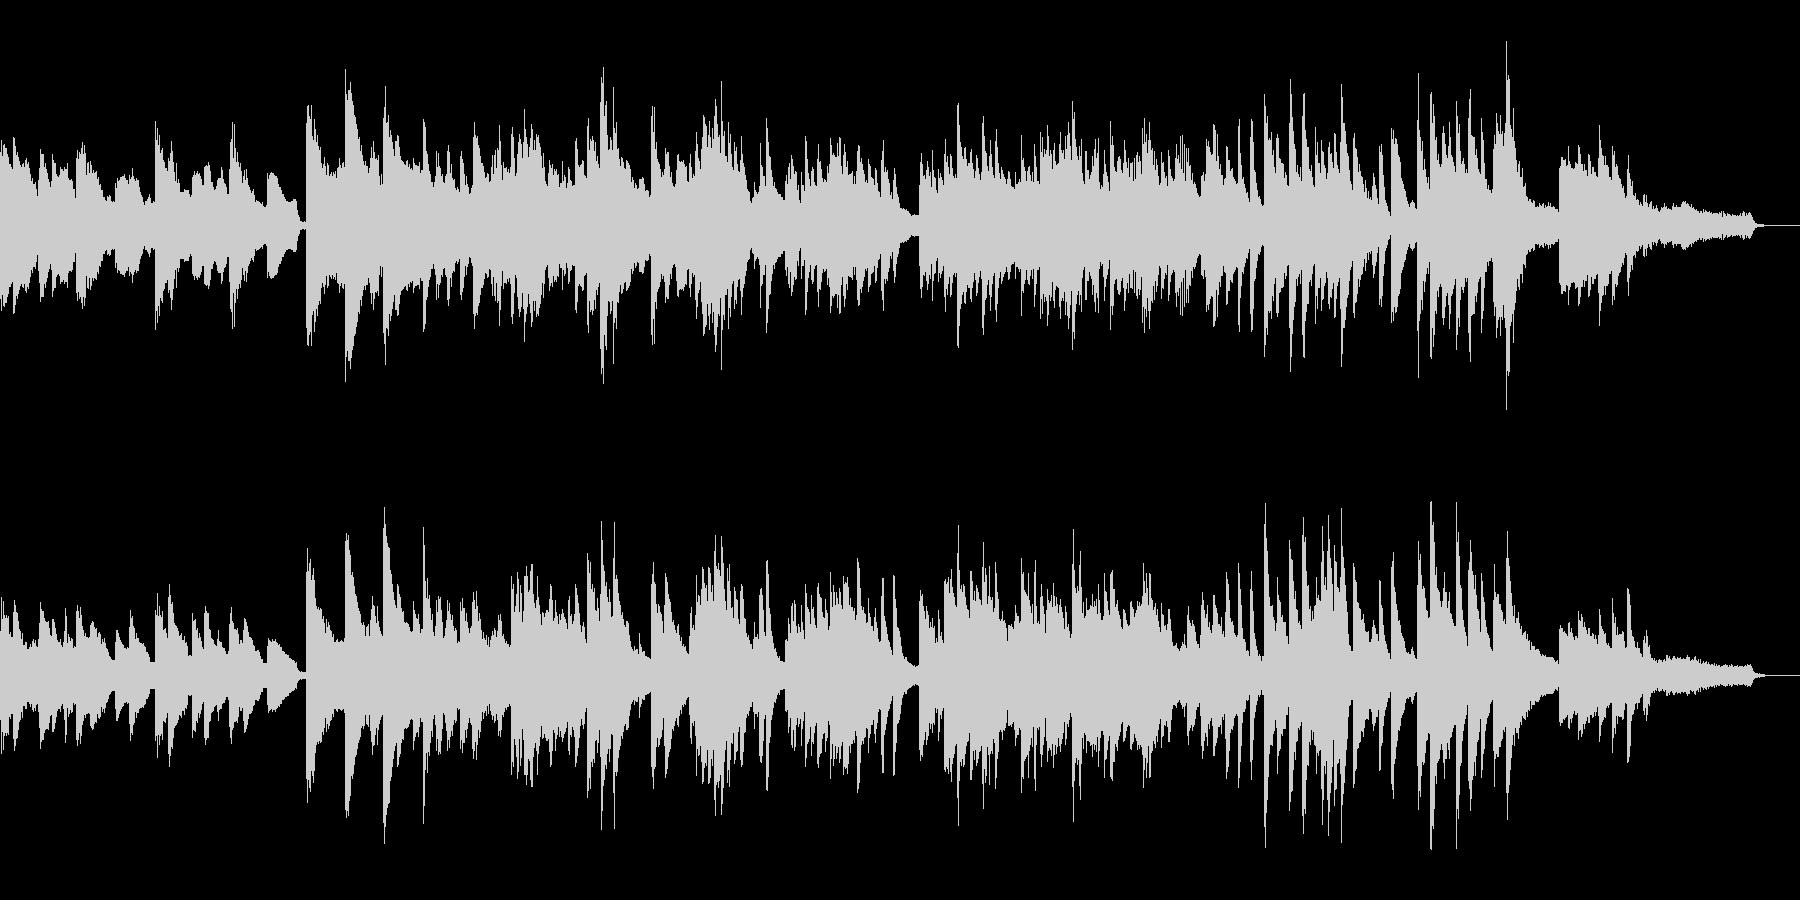 ジャズスタンダード テーマ ピアノ生演奏の未再生の波形